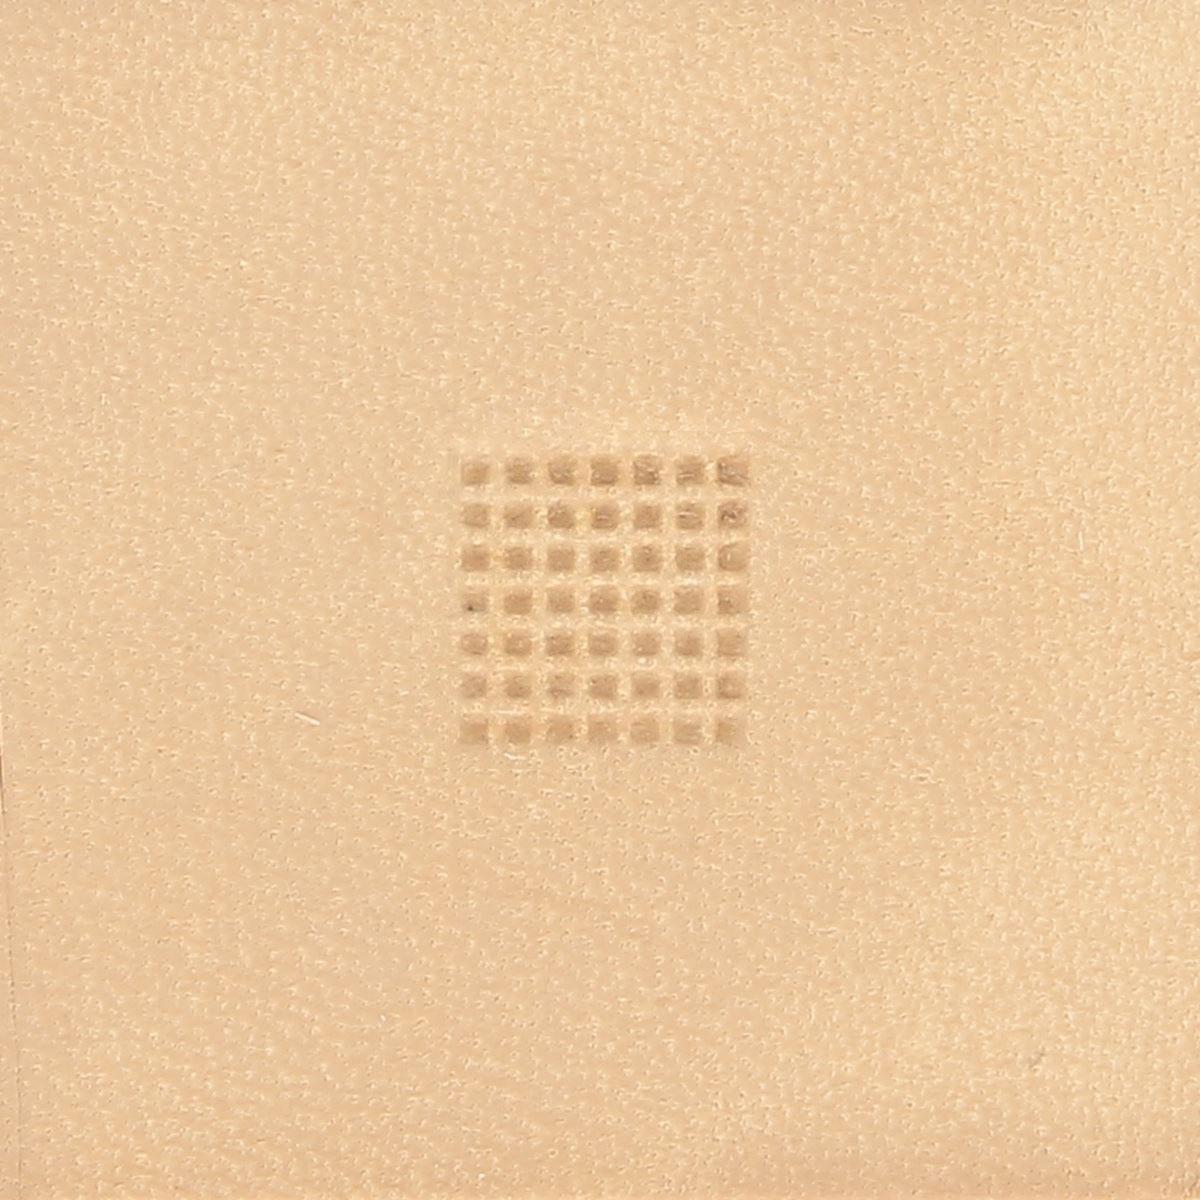 Matoir avec manche - Gaufre - 6605